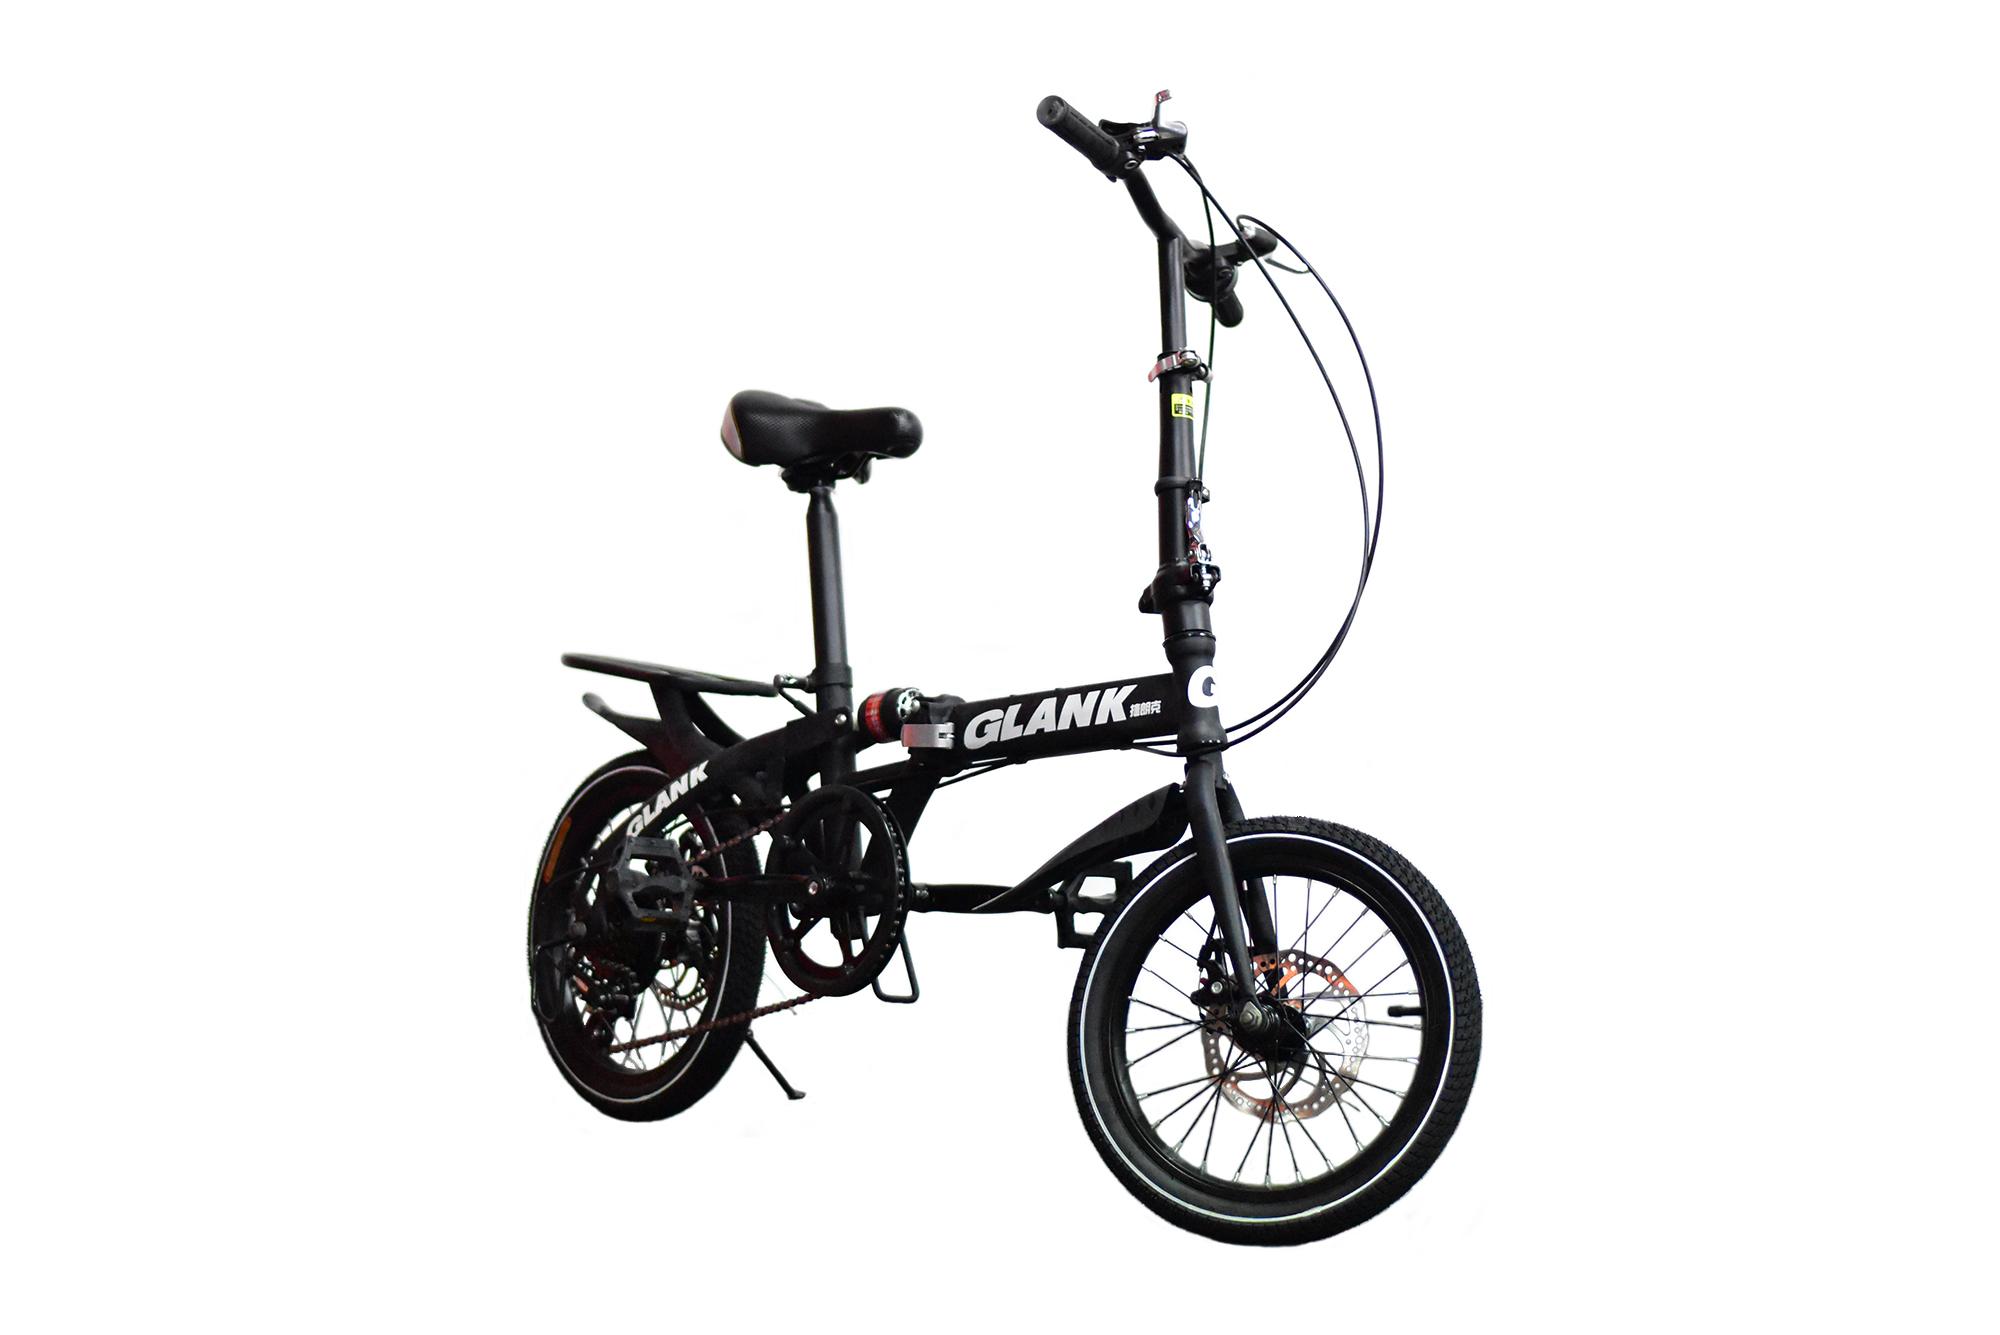 จักรยานพับได้ GLANK สีดำ